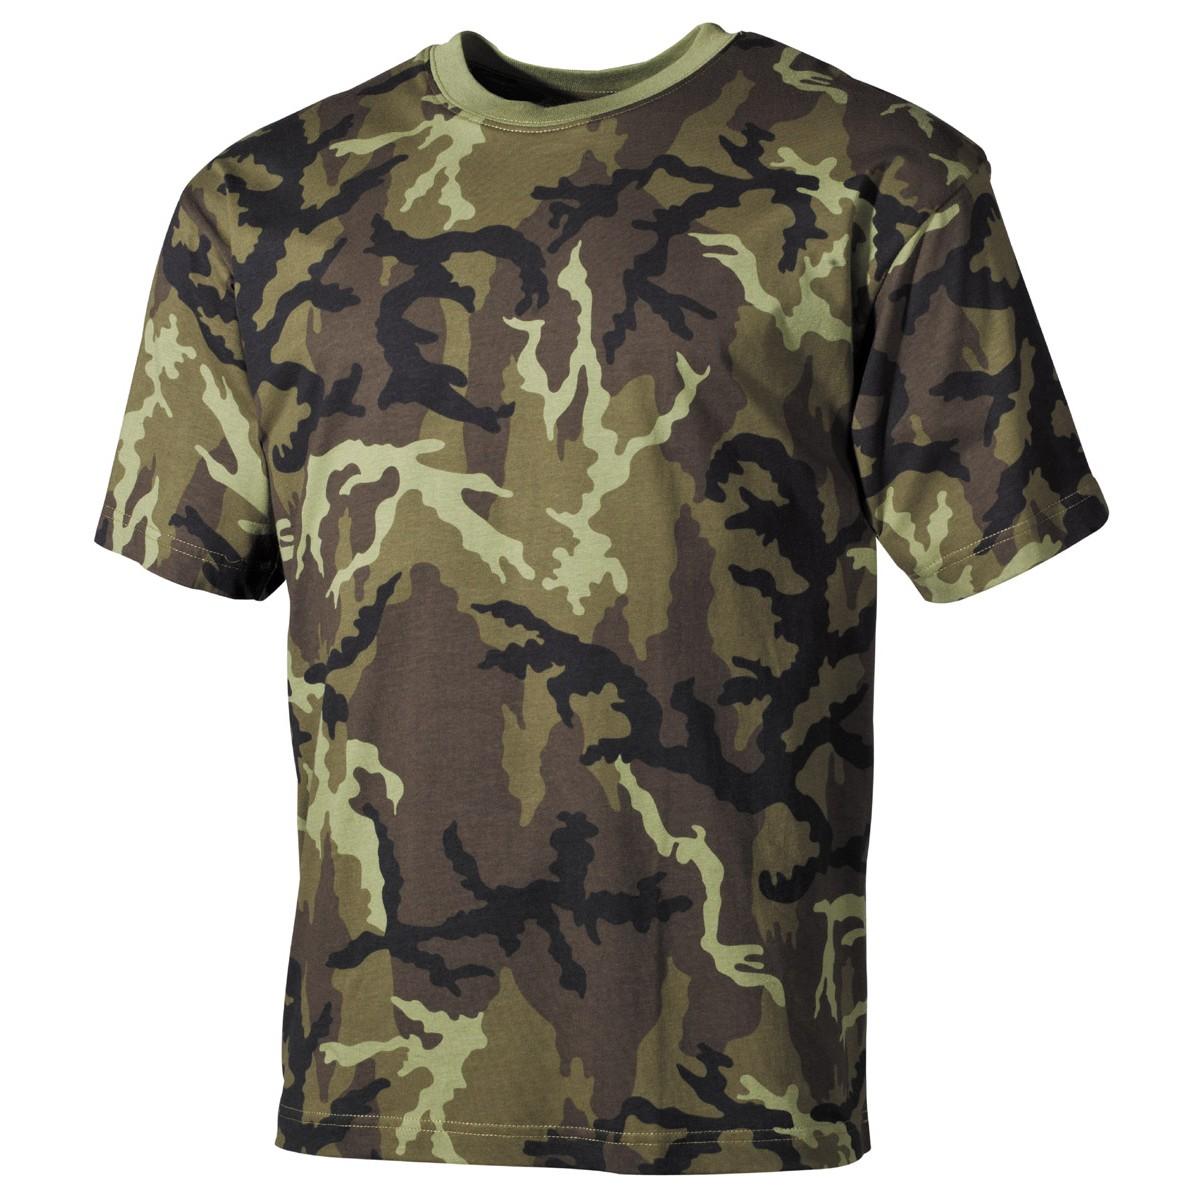 US T Shirt classic style M 95 CZ camo 170g m